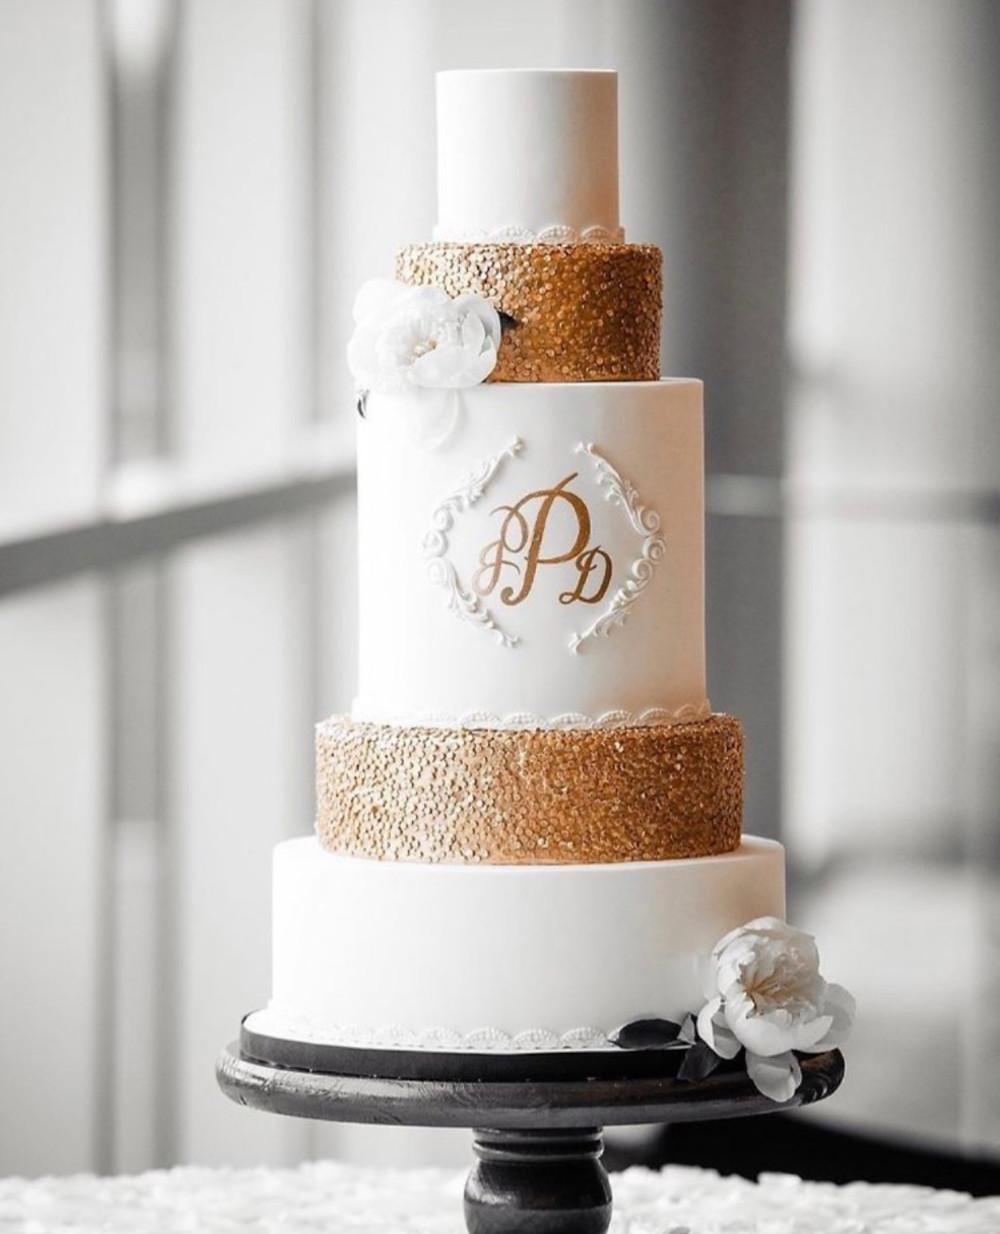 5 Steps for Freezing Wedding Cake